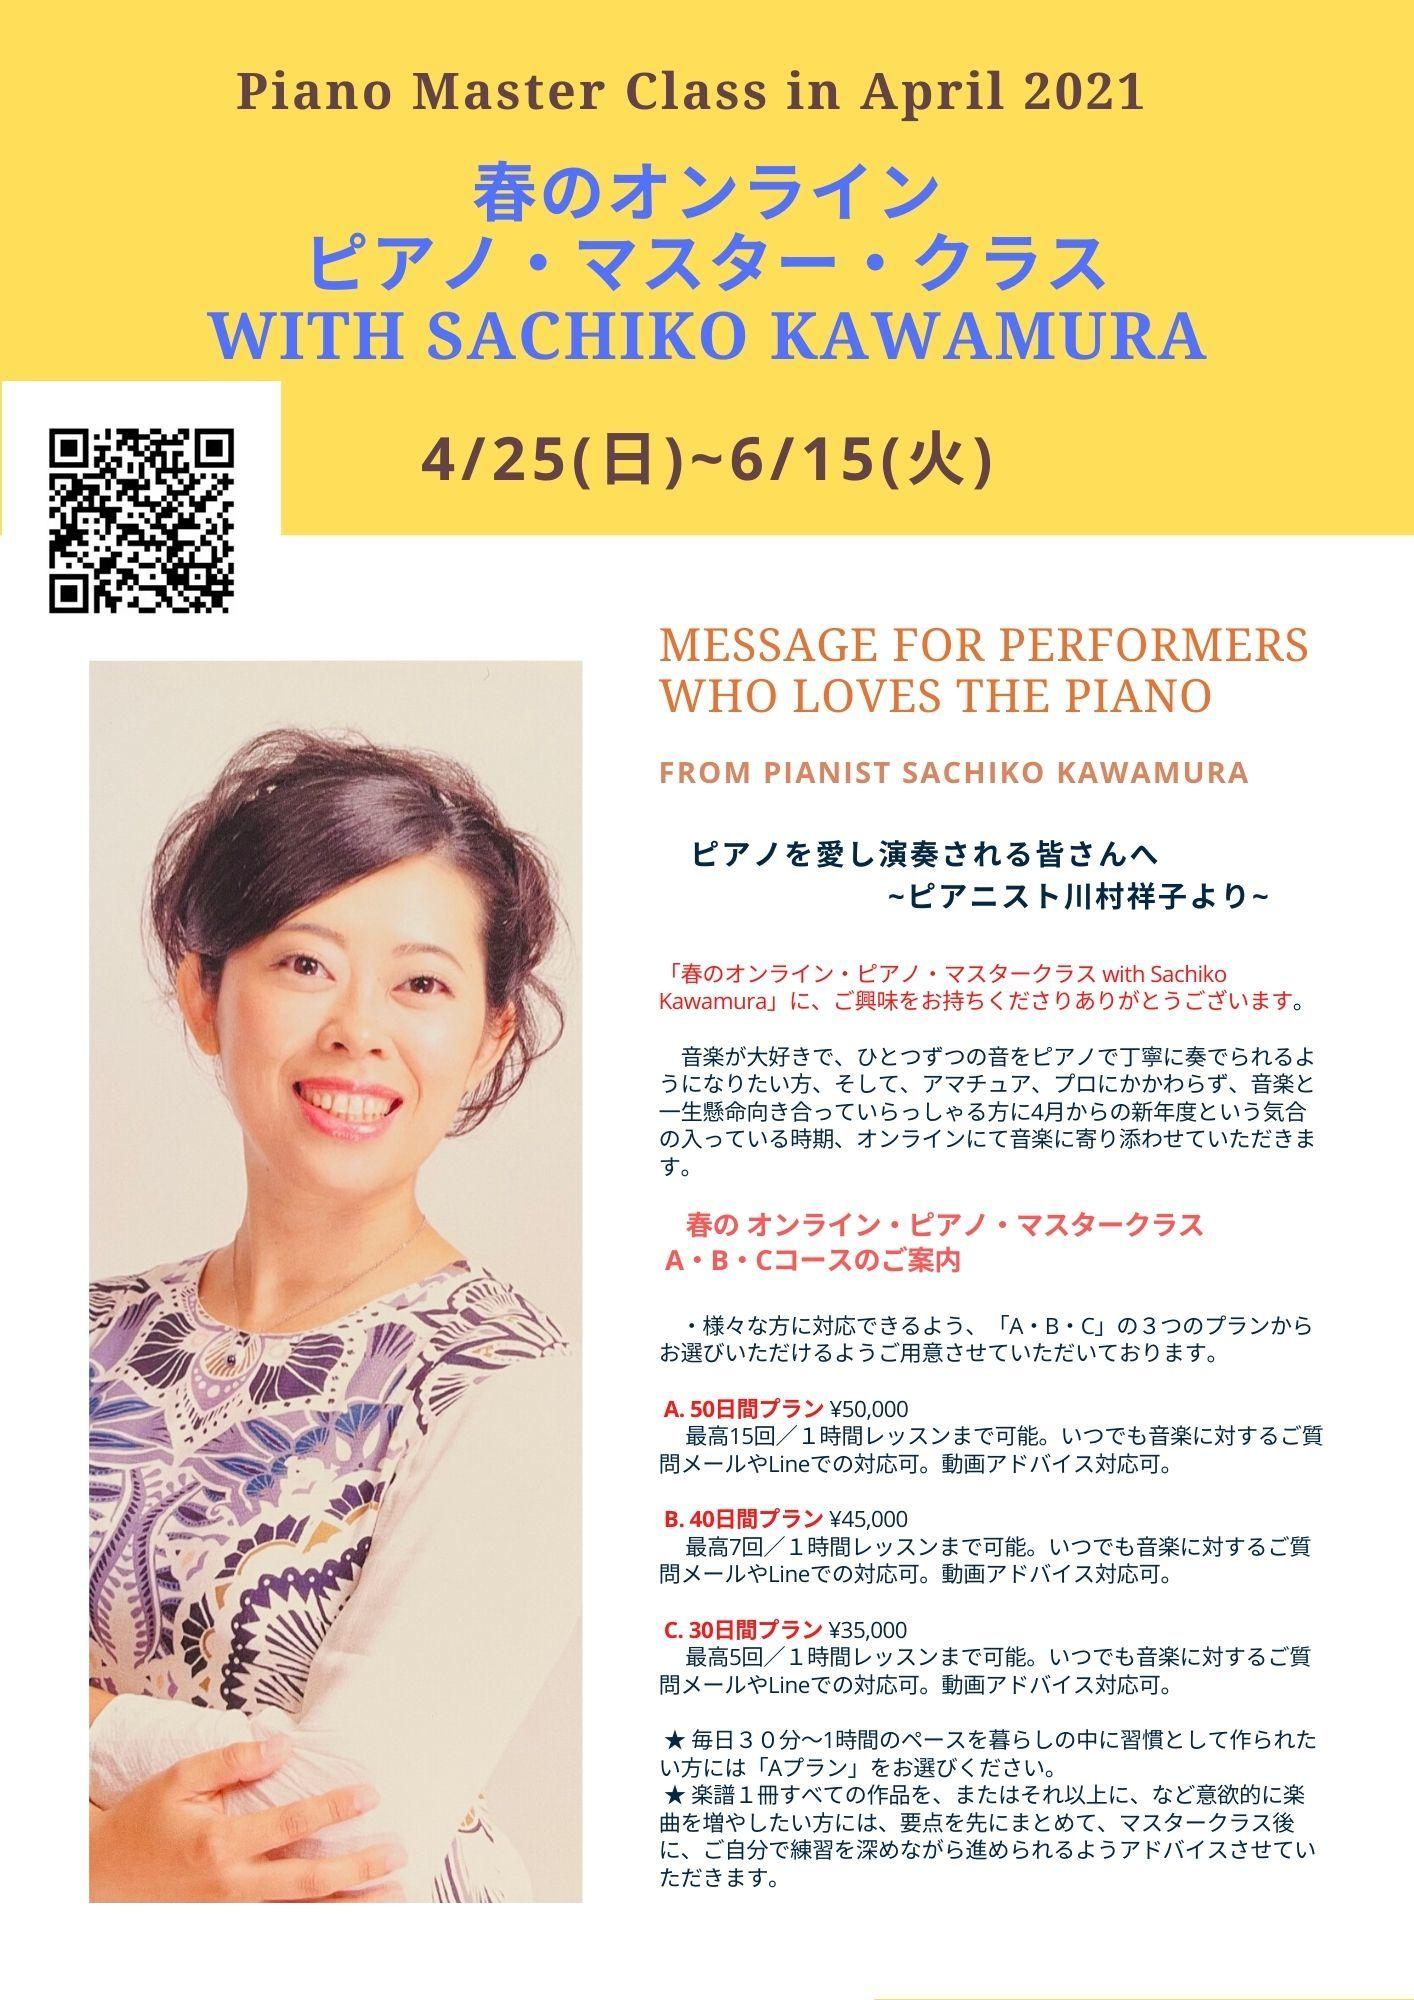 春のオンライン・ピアノ・マスタークラス with Pianist Sachiko Kawamura♪ 4/25〜6/15_e0197114_21073890.jpg